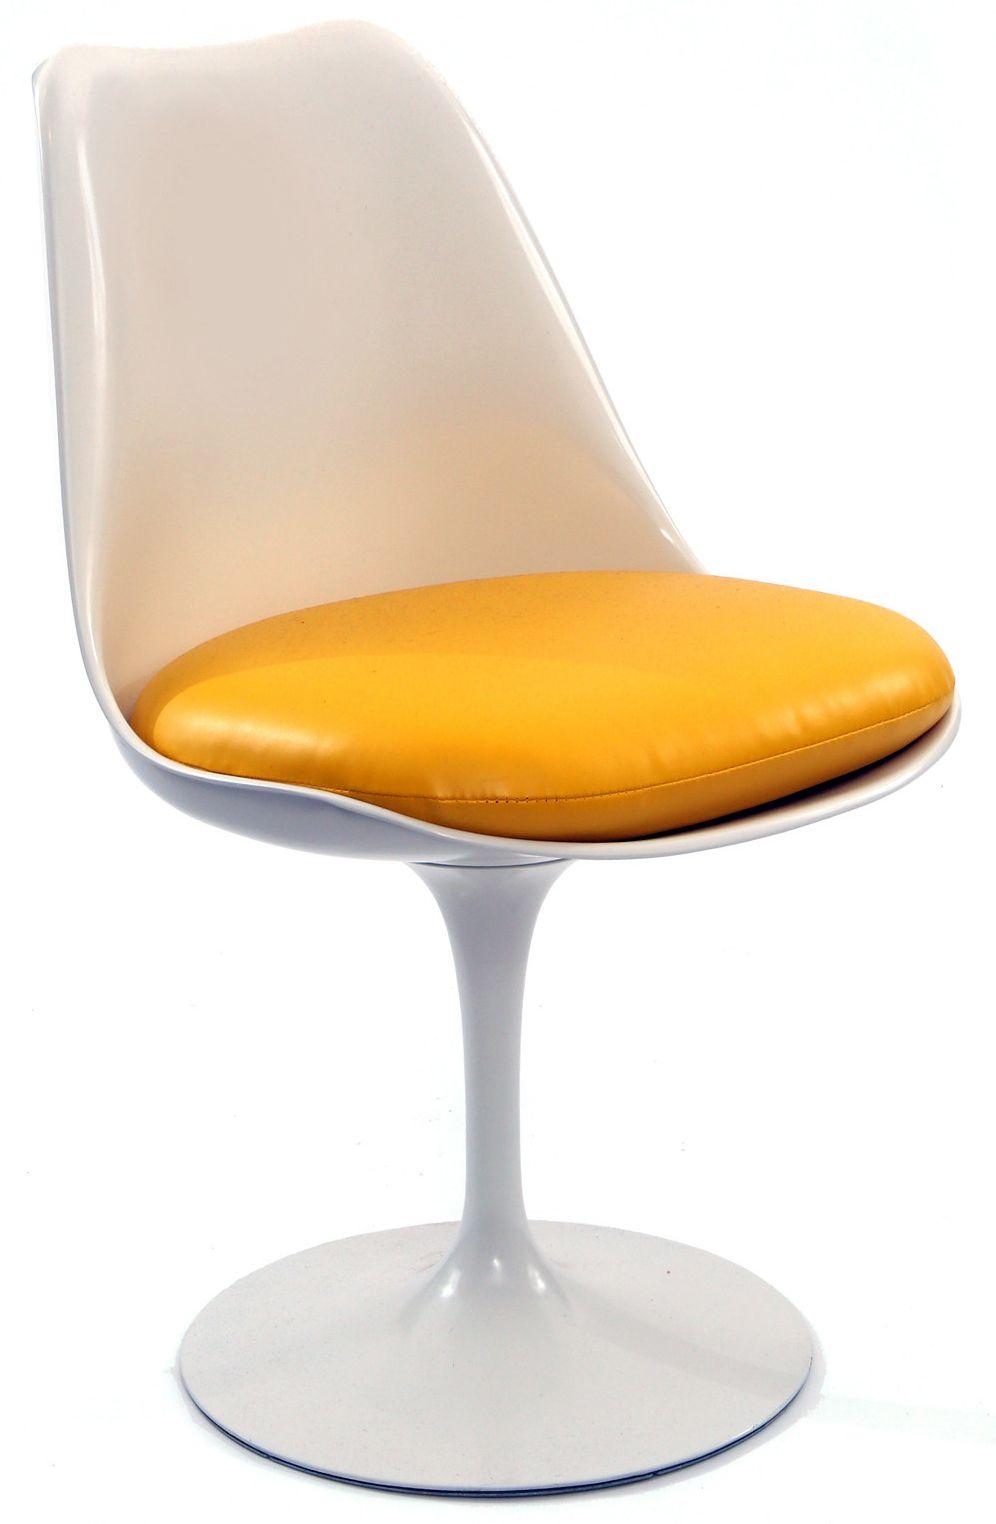 chaise 39 tulipe 39 aluminium et fibre de verre jaune et. Black Bedroom Furniture Sets. Home Design Ideas